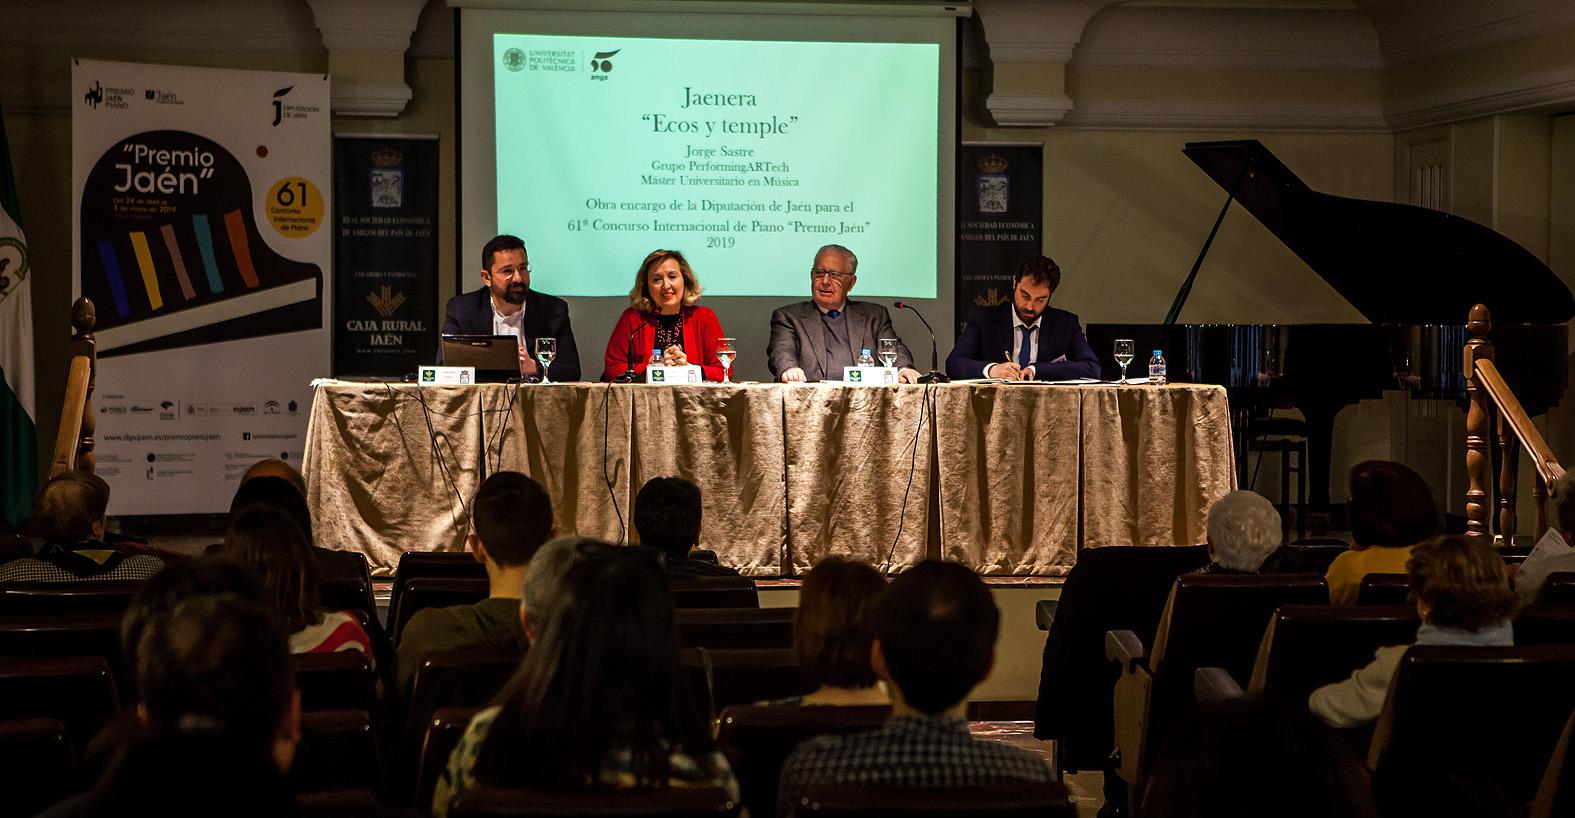 Encuentros con el compositor de la obra obligada / Jorge Sastre